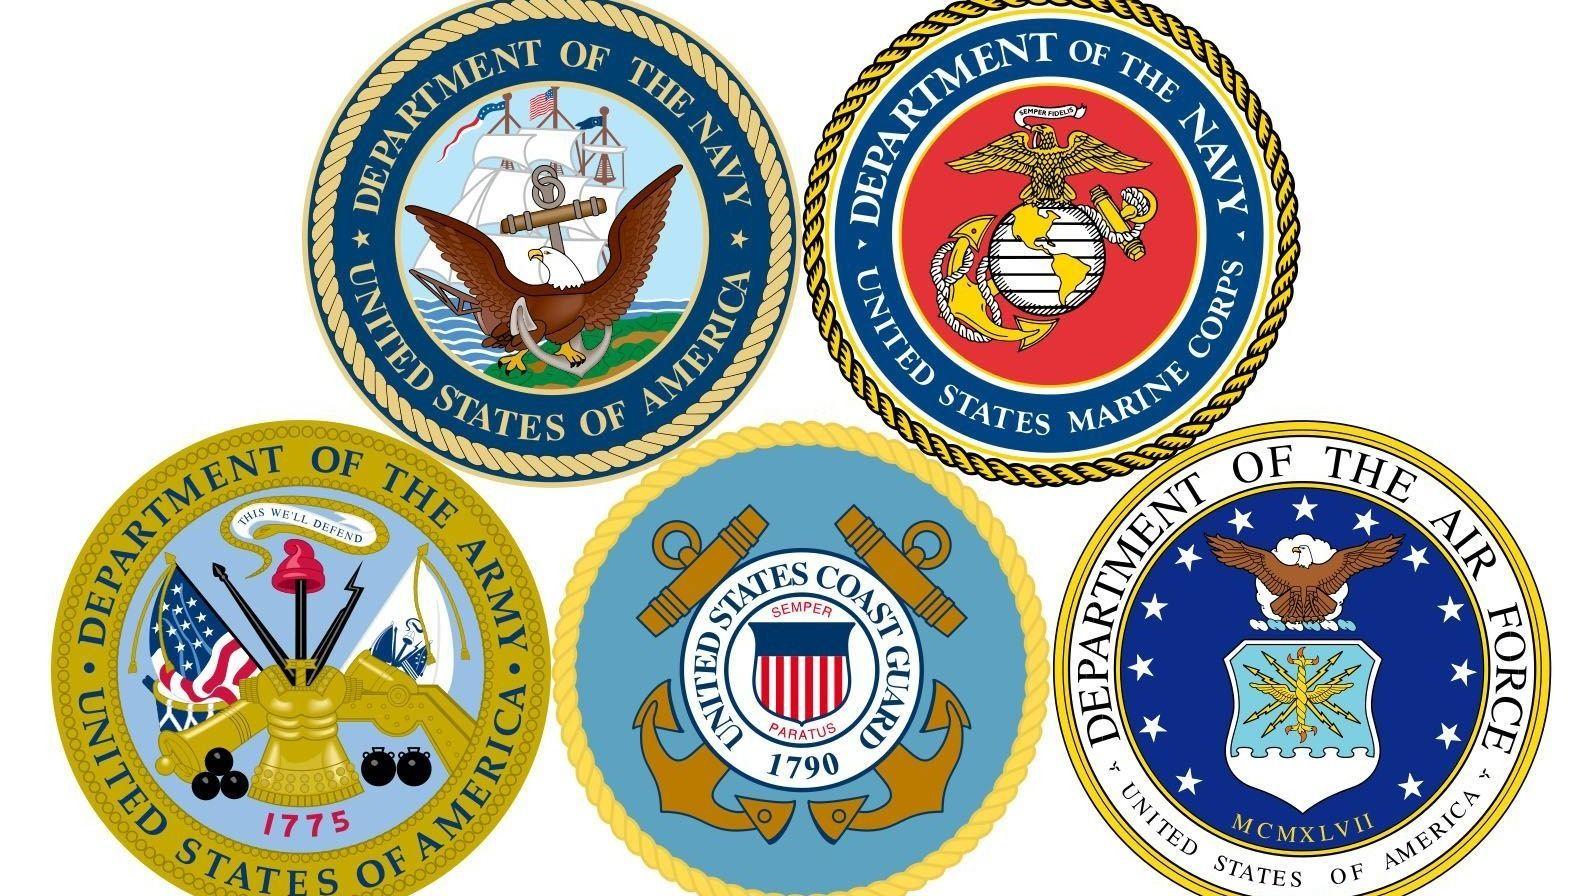 Rhode Island Veterans Networking Meetup